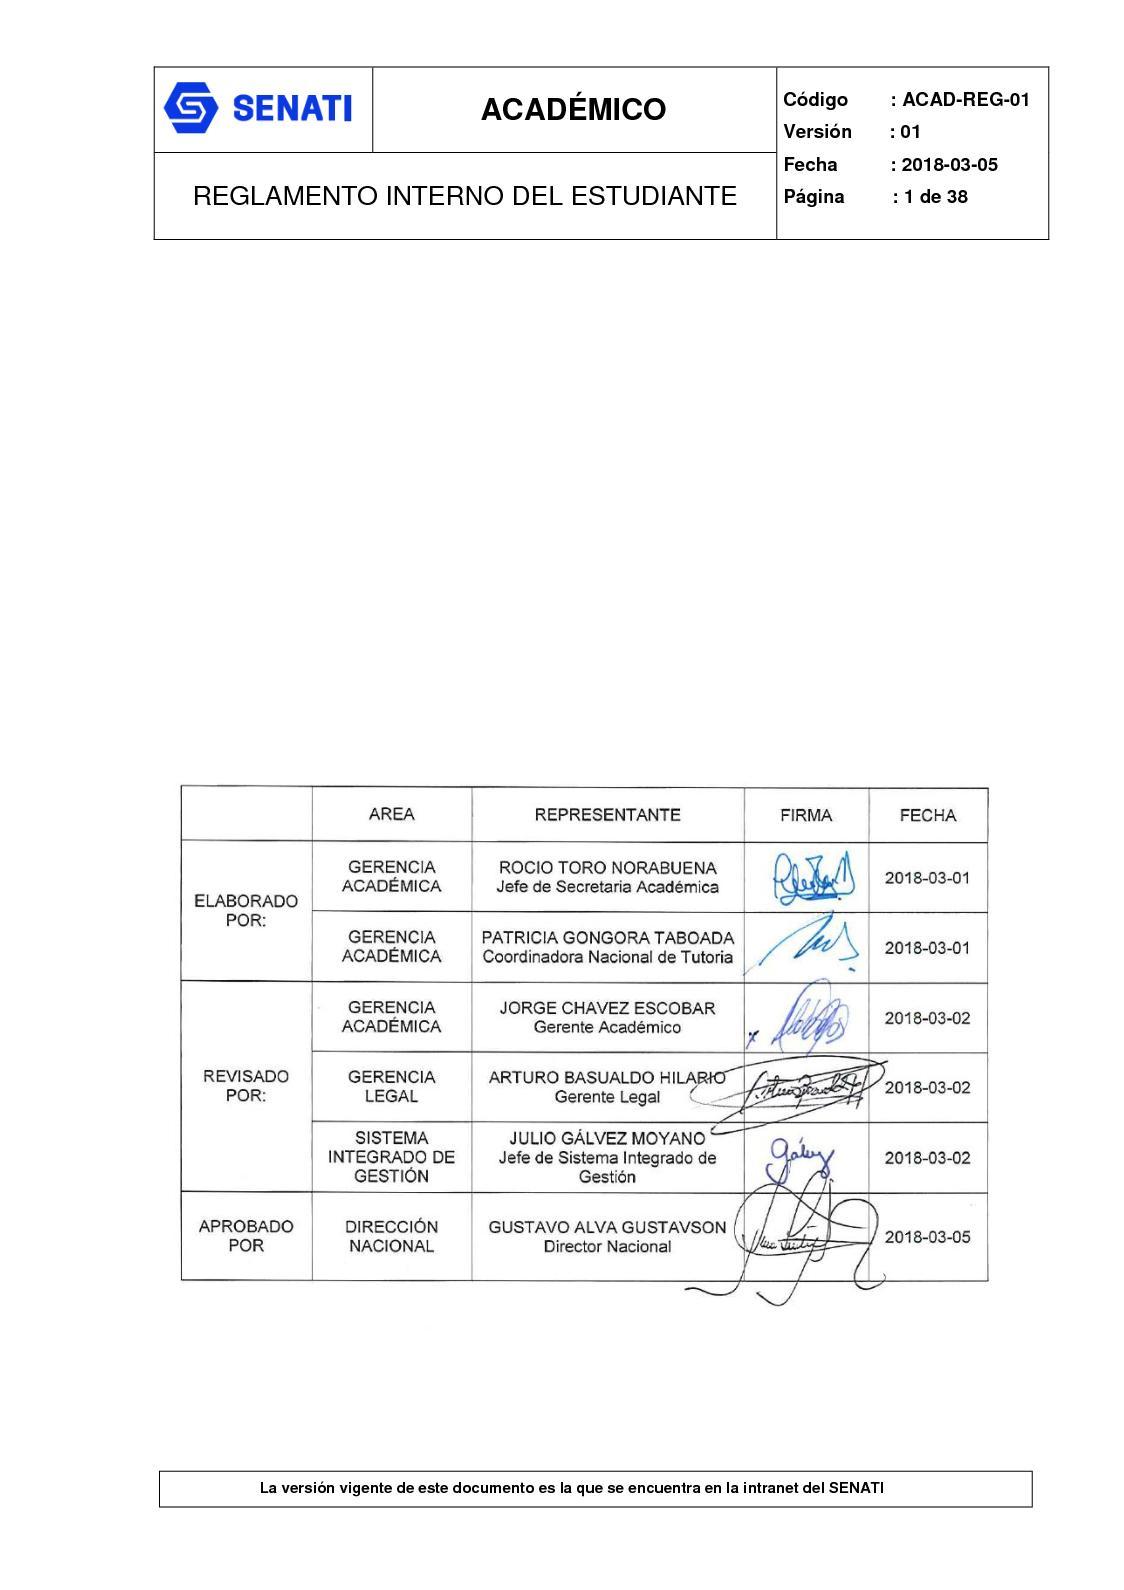 Calaméo - Acad Reg 01 Reglamento Interno Del Estudiante